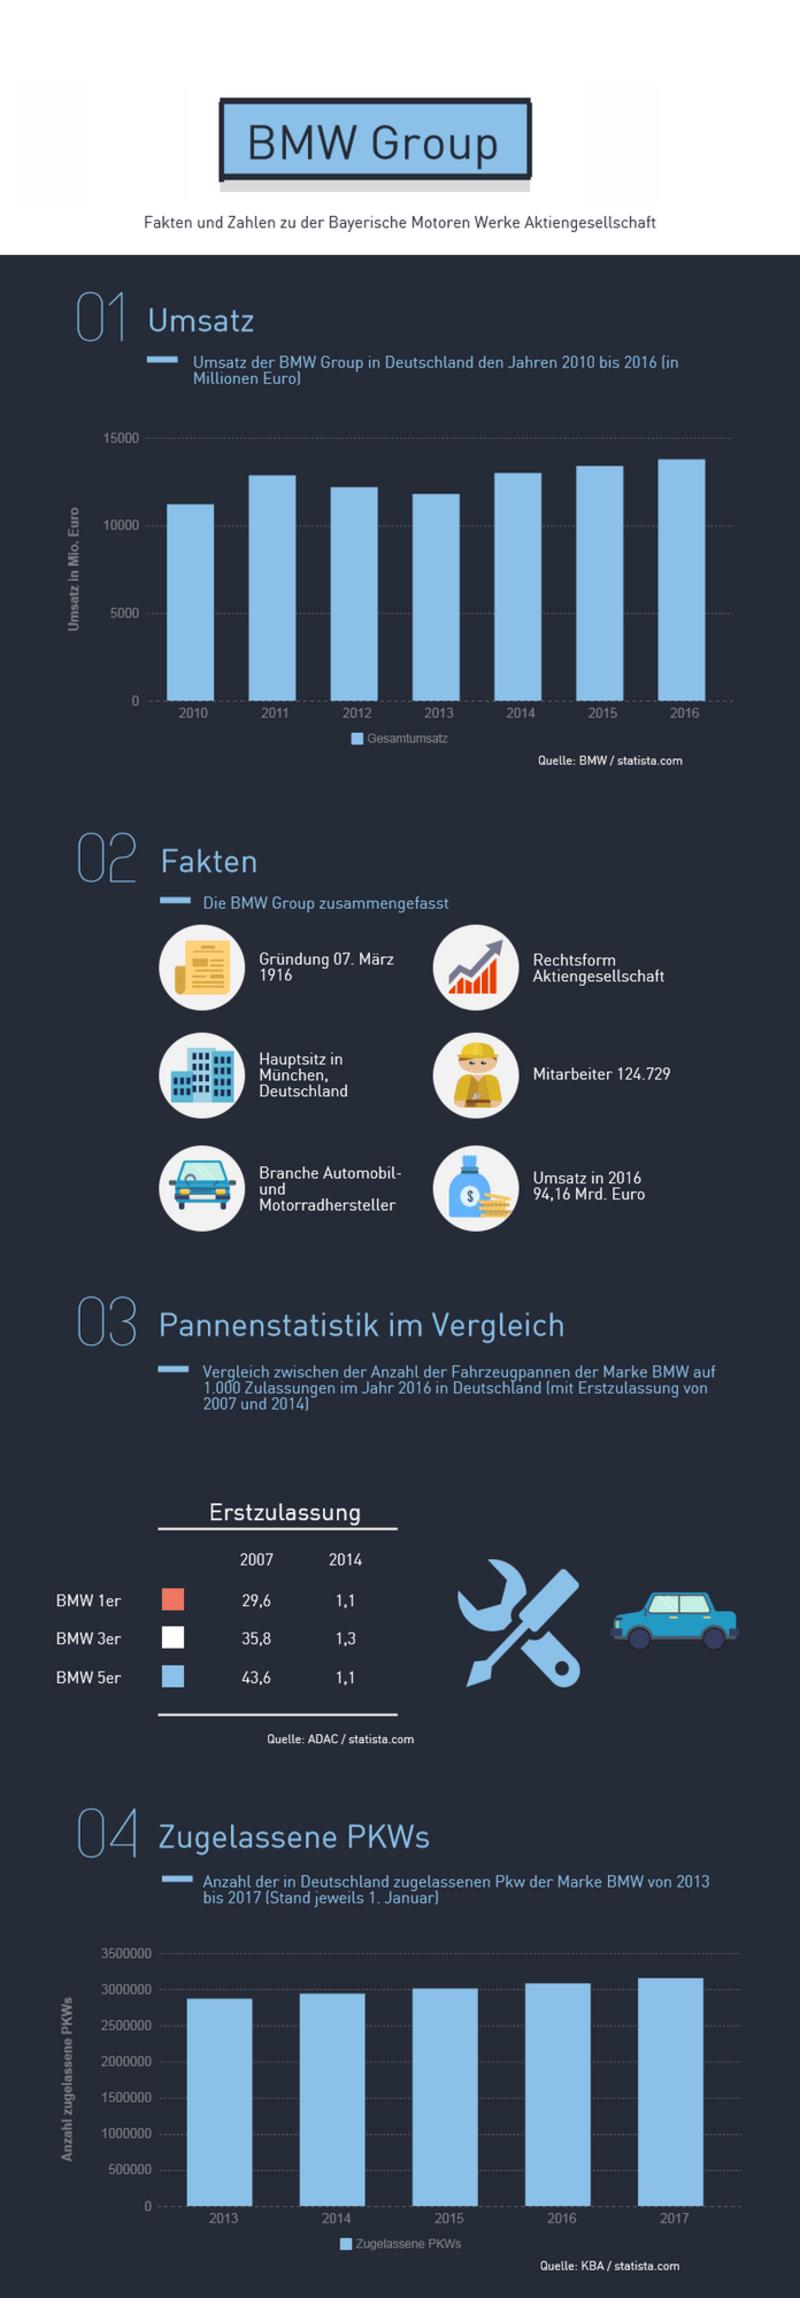 Infografik zu den Fakten und Zahlen der BMW Group, © Fakten und Zahlen der BMW Group. Bildquelle: eigene Darstellung